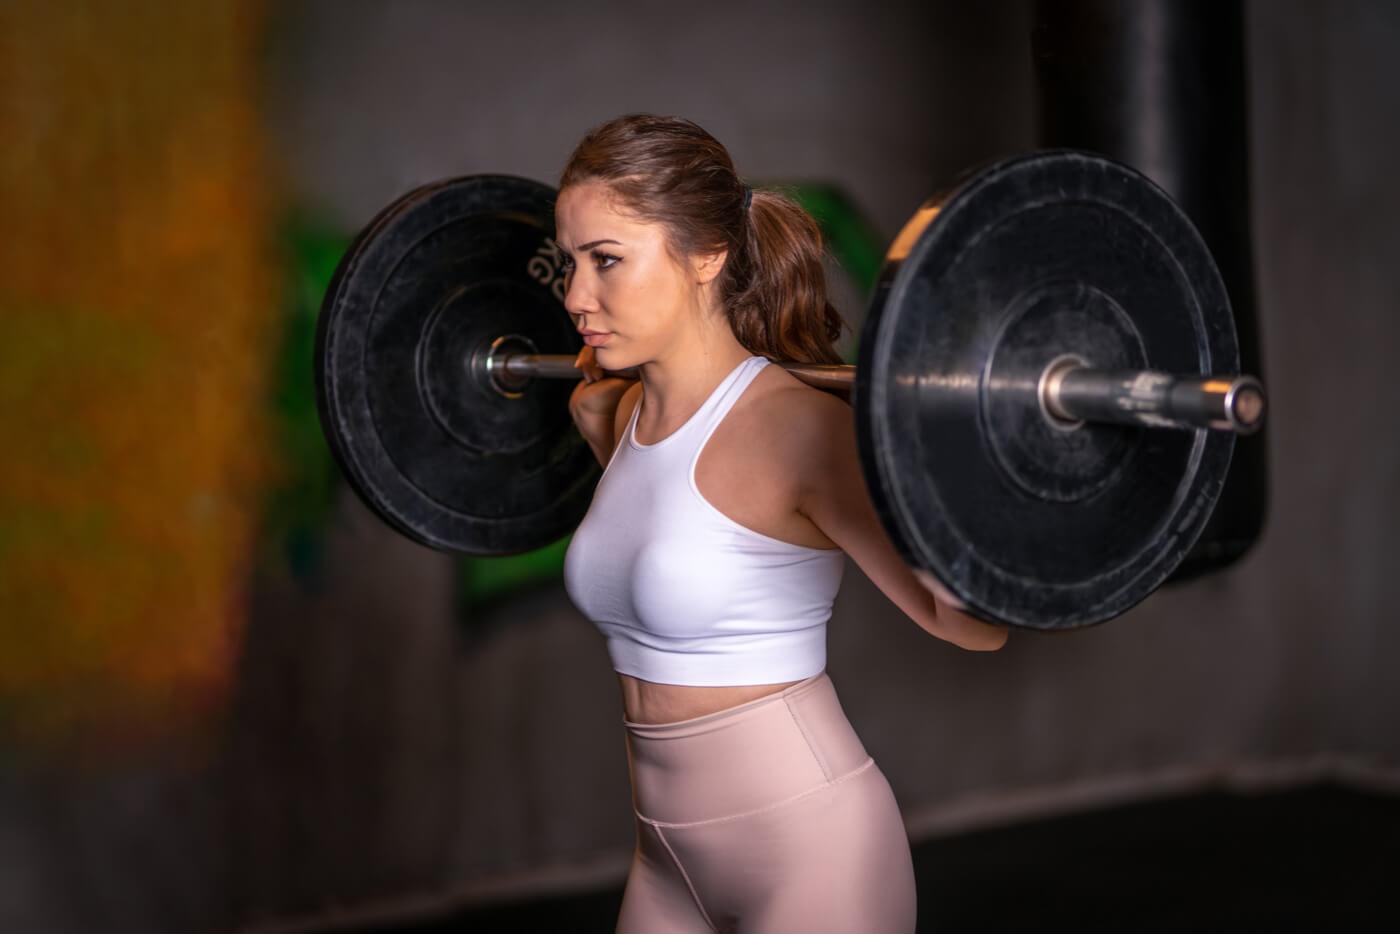 ¿Cómo se aumenta la masa muscular?